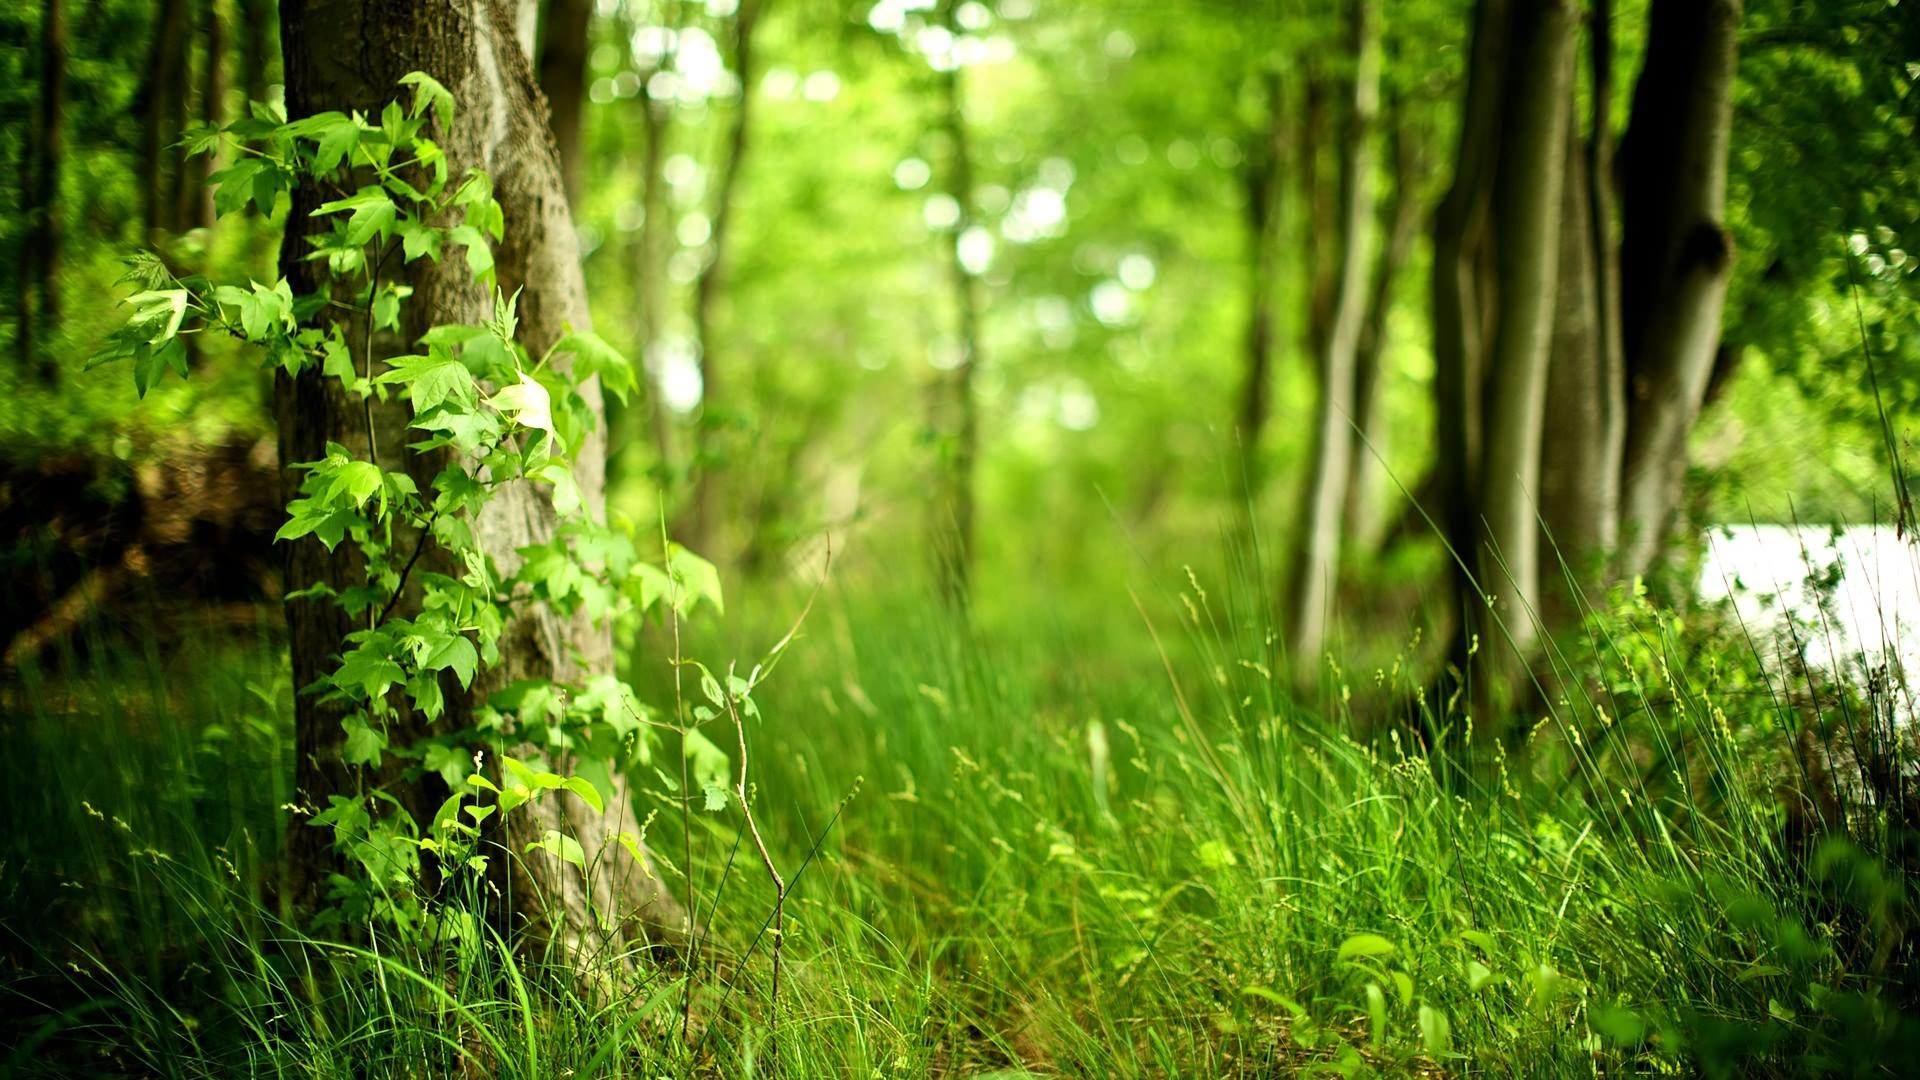 Lovely Spring Forest Wallpaper